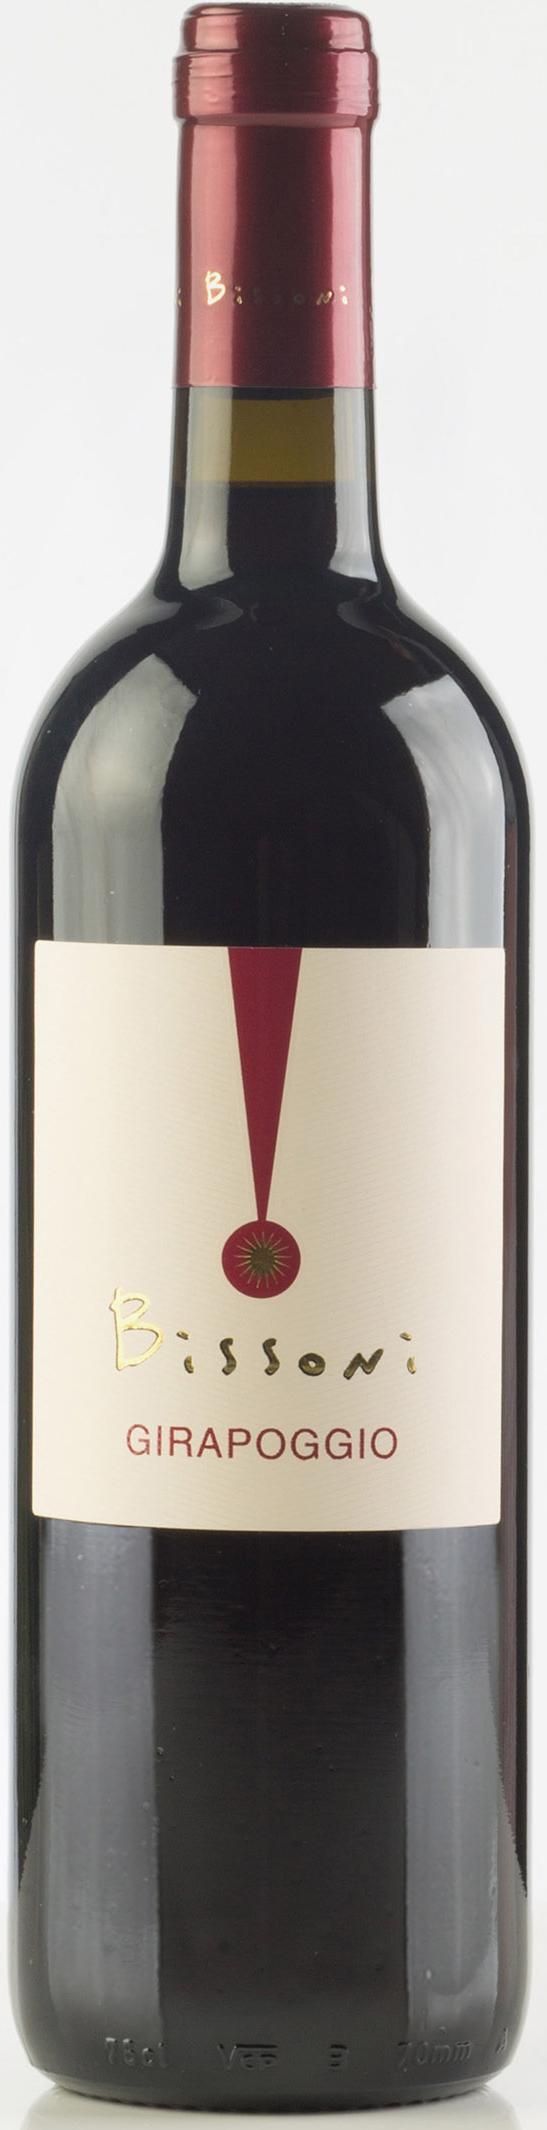 sangiovese di romagna vini bissoni